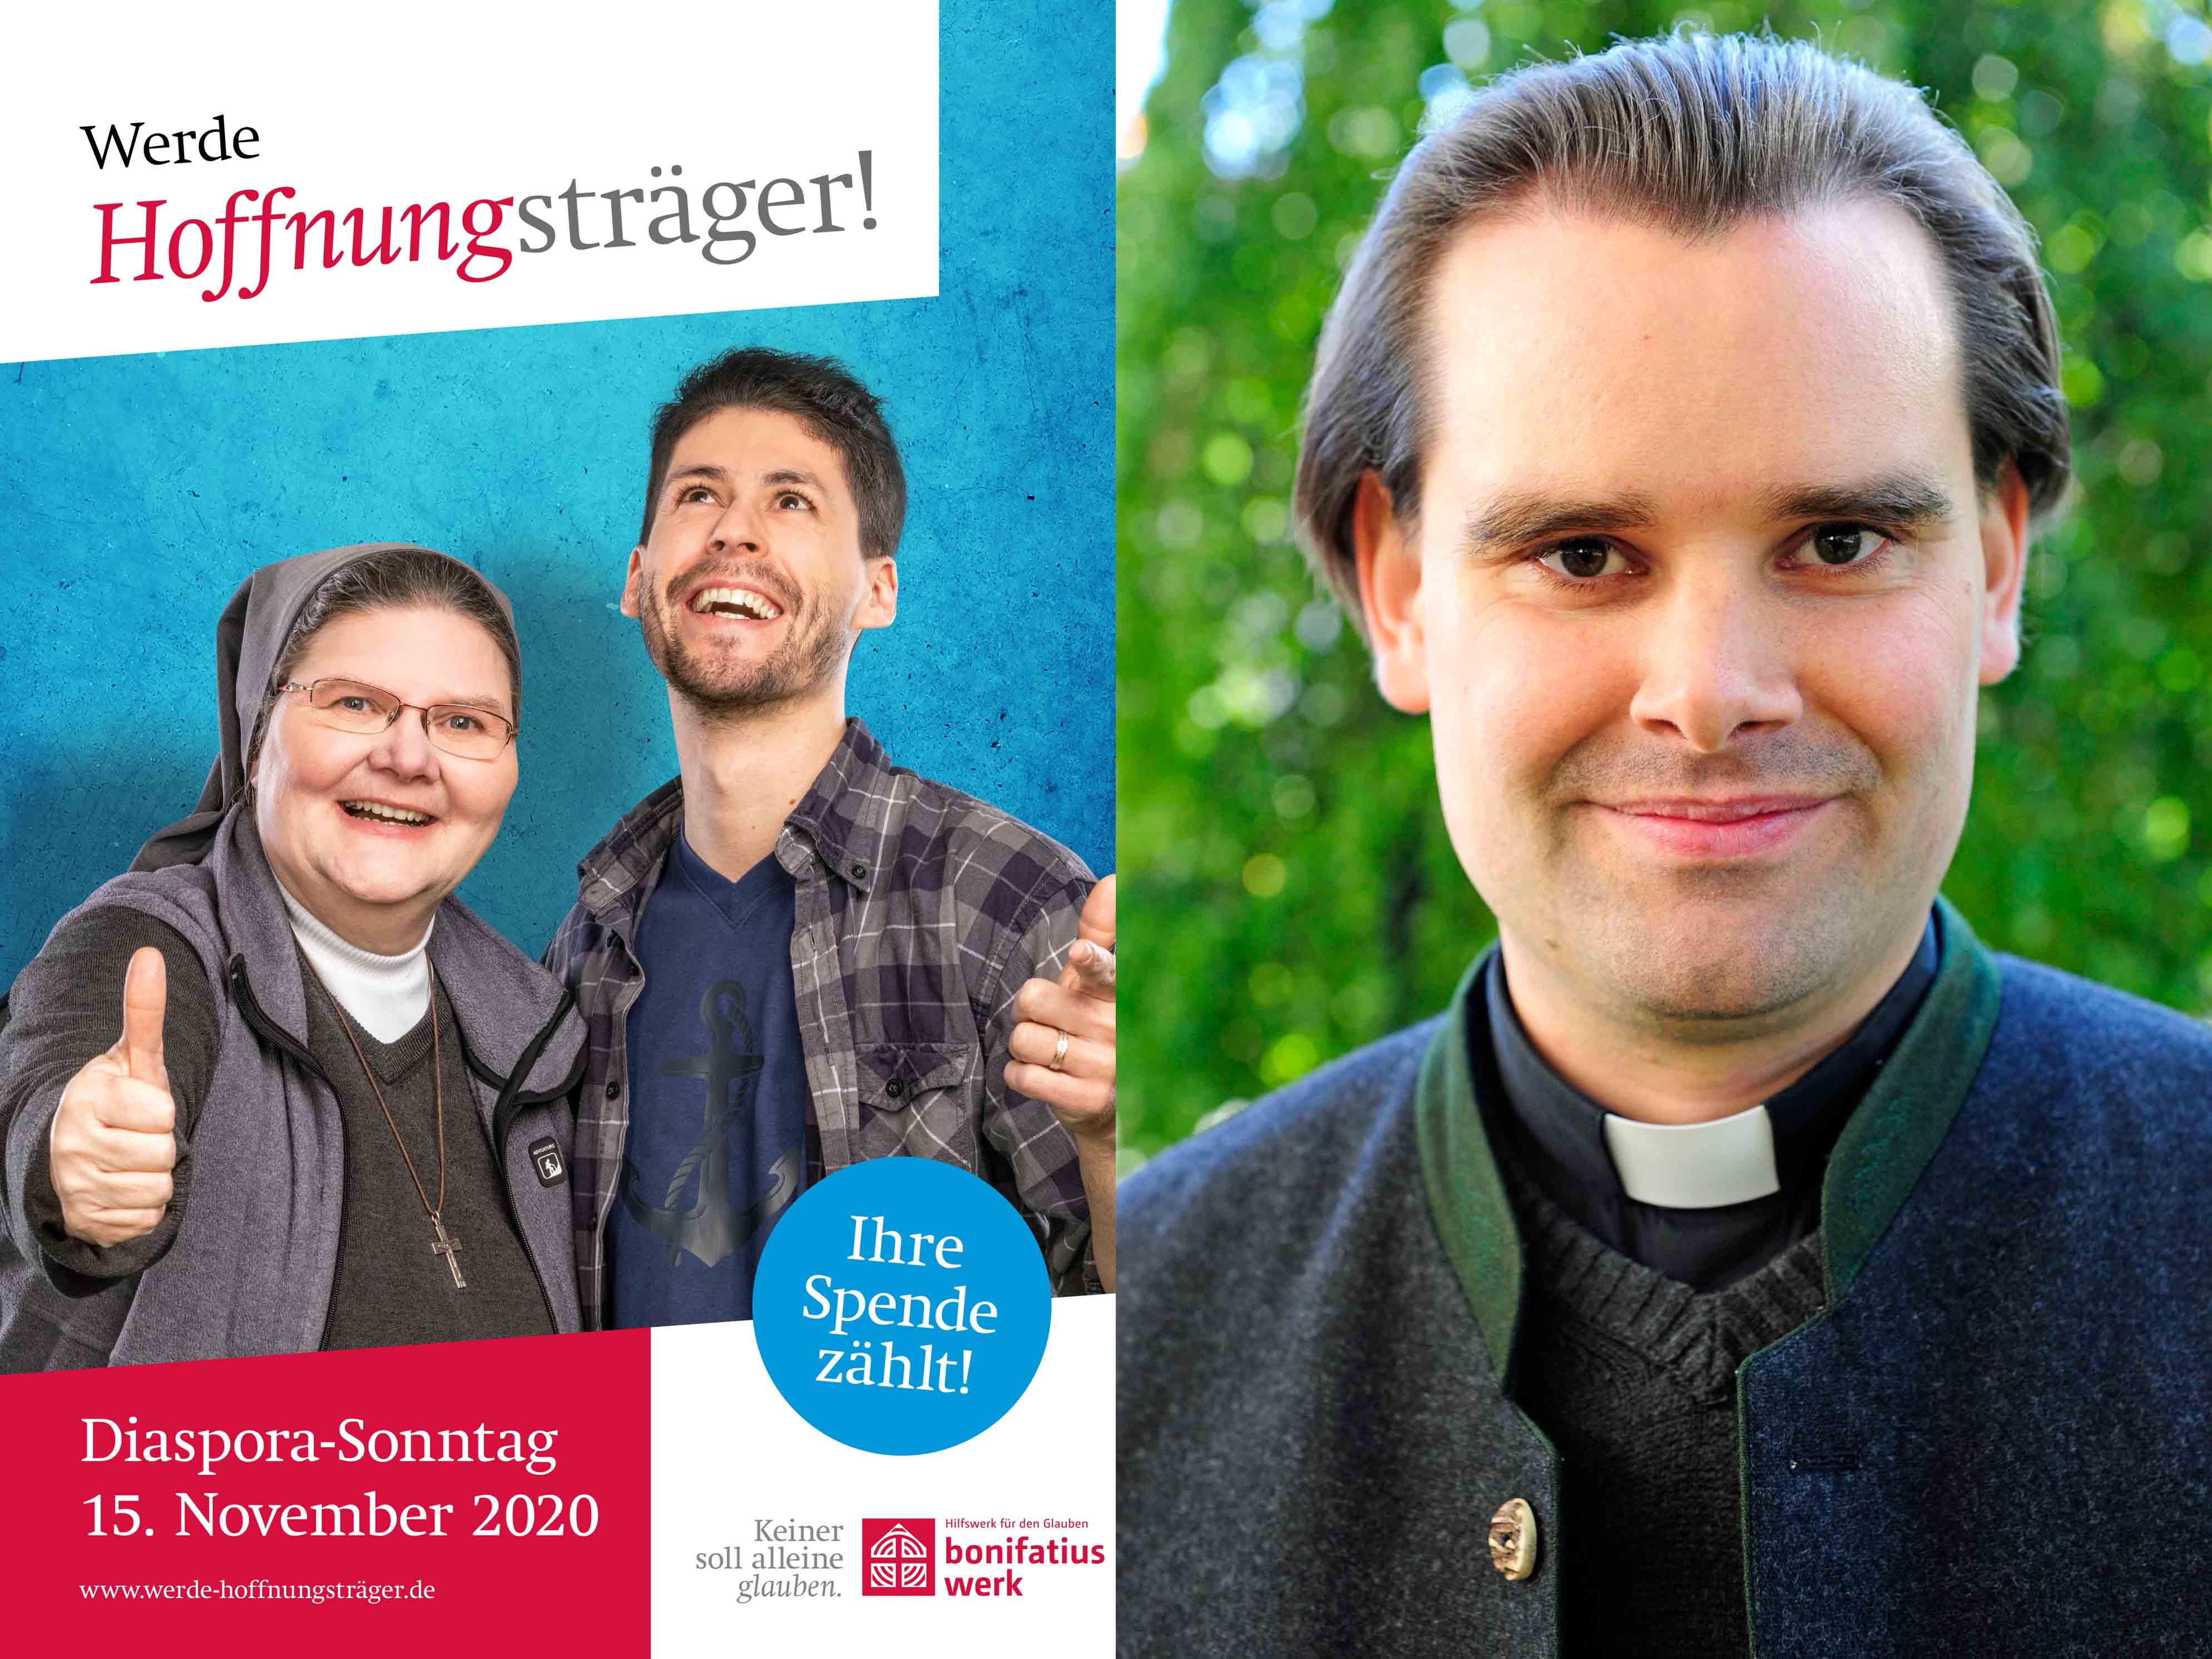 Der neue Diözesanvorsitzender des Bonifatiuswerks Diakon Andreas Martin (rechts) ruft zu Solidarität mit Christen in Diasporagebieten auf, speziell jetzt zur Diaspora-Aktion. (Foto: Bonifatiuswerk / pba)